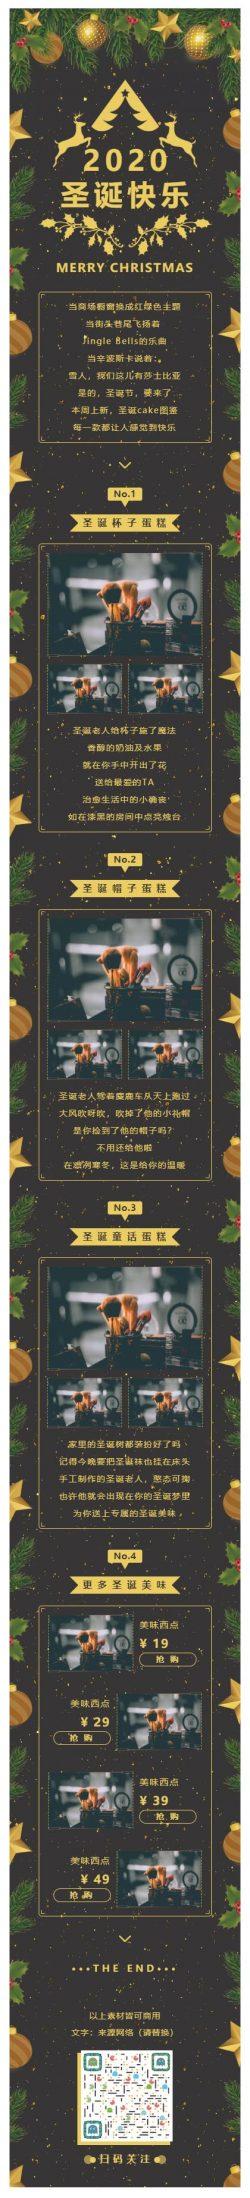 2020圣诞快乐圣诞节电商微商素材模板推送图文金色动态背景优秀推文素材